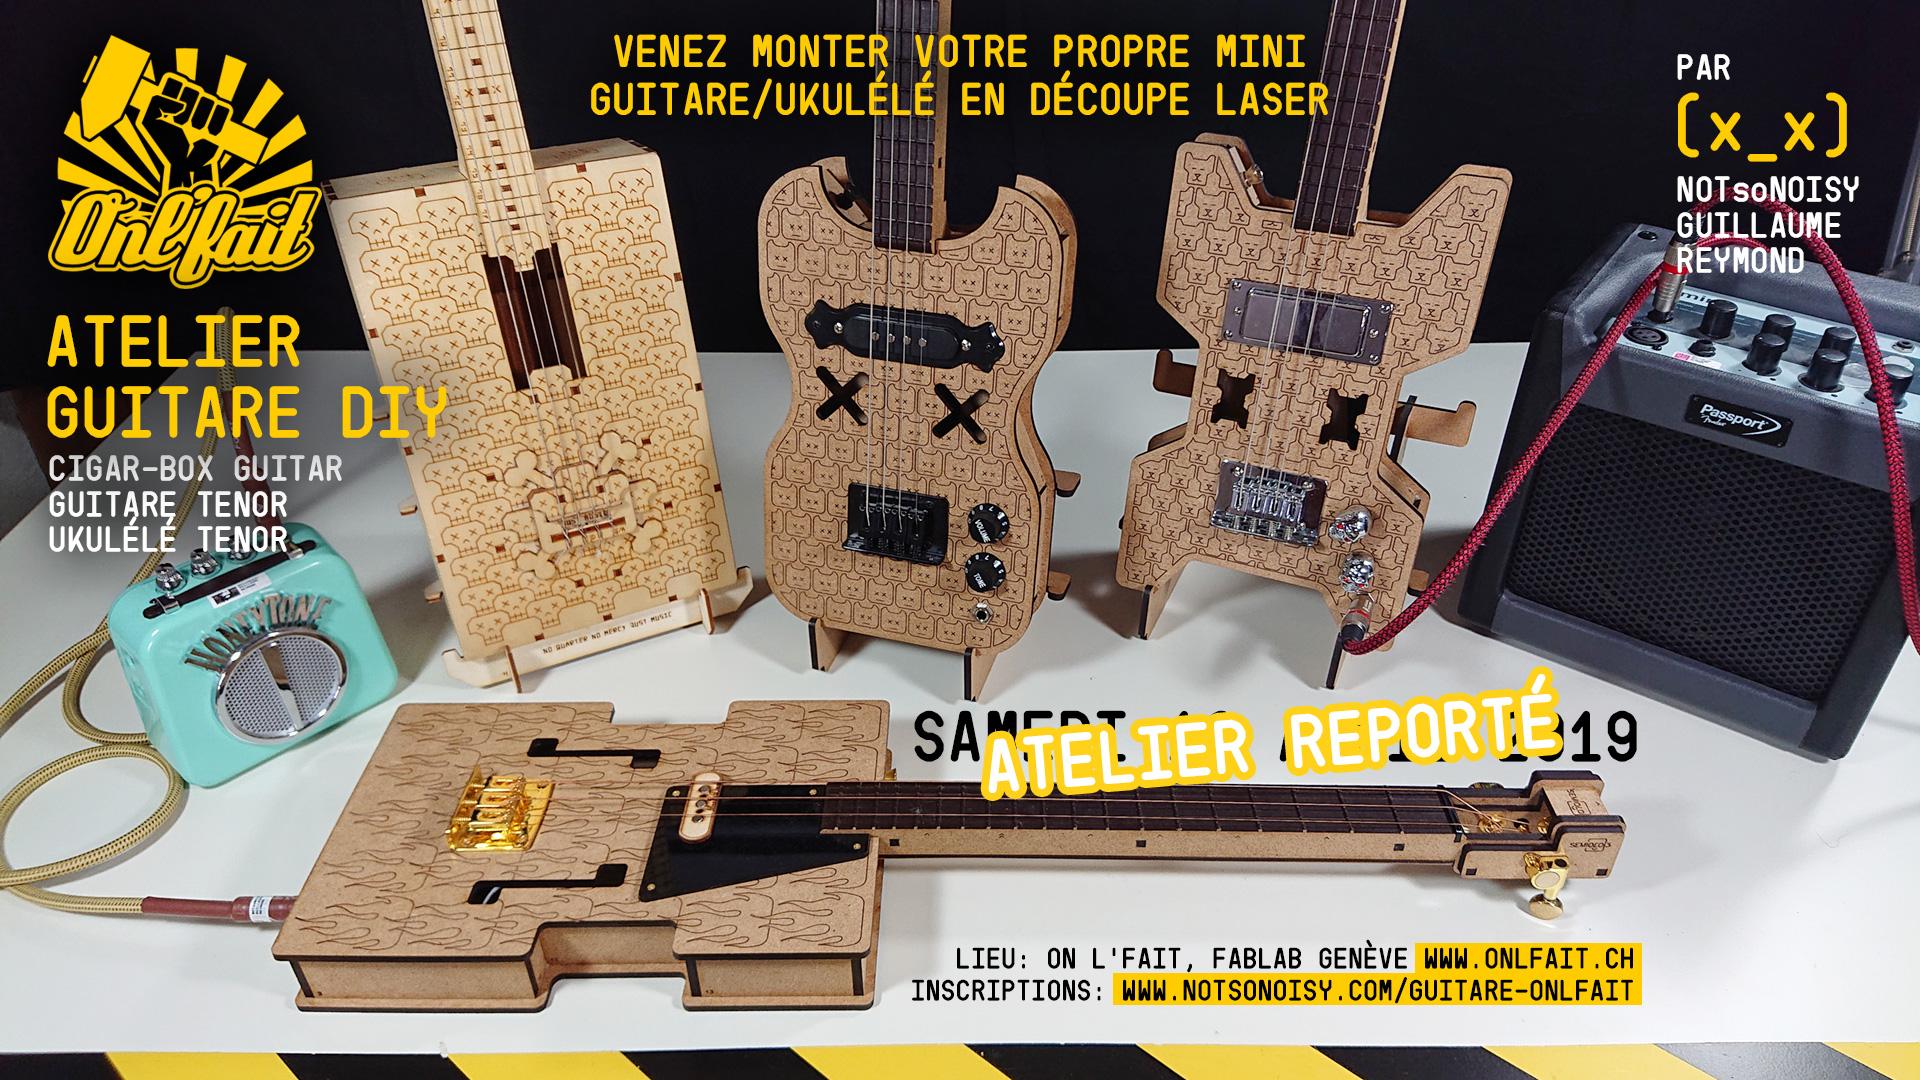 Atelier  OnL'Fait guitare/ukulélé  DIY